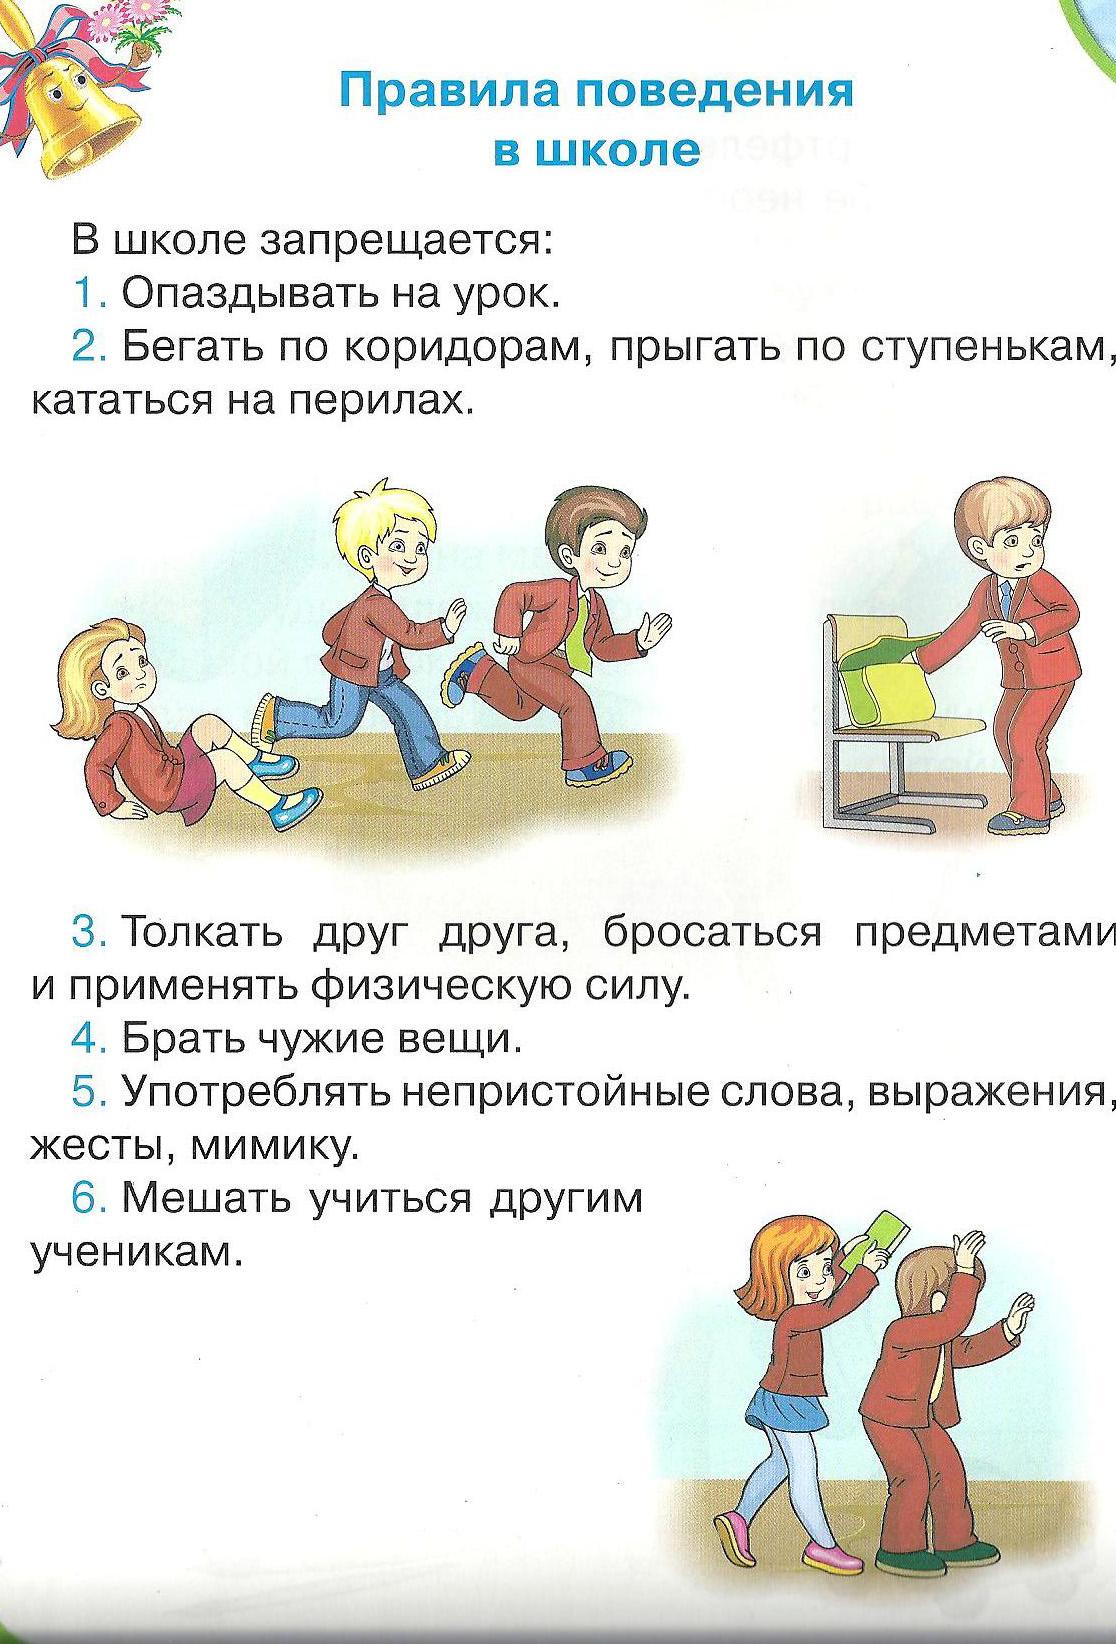 правила поведения в школе в картинках